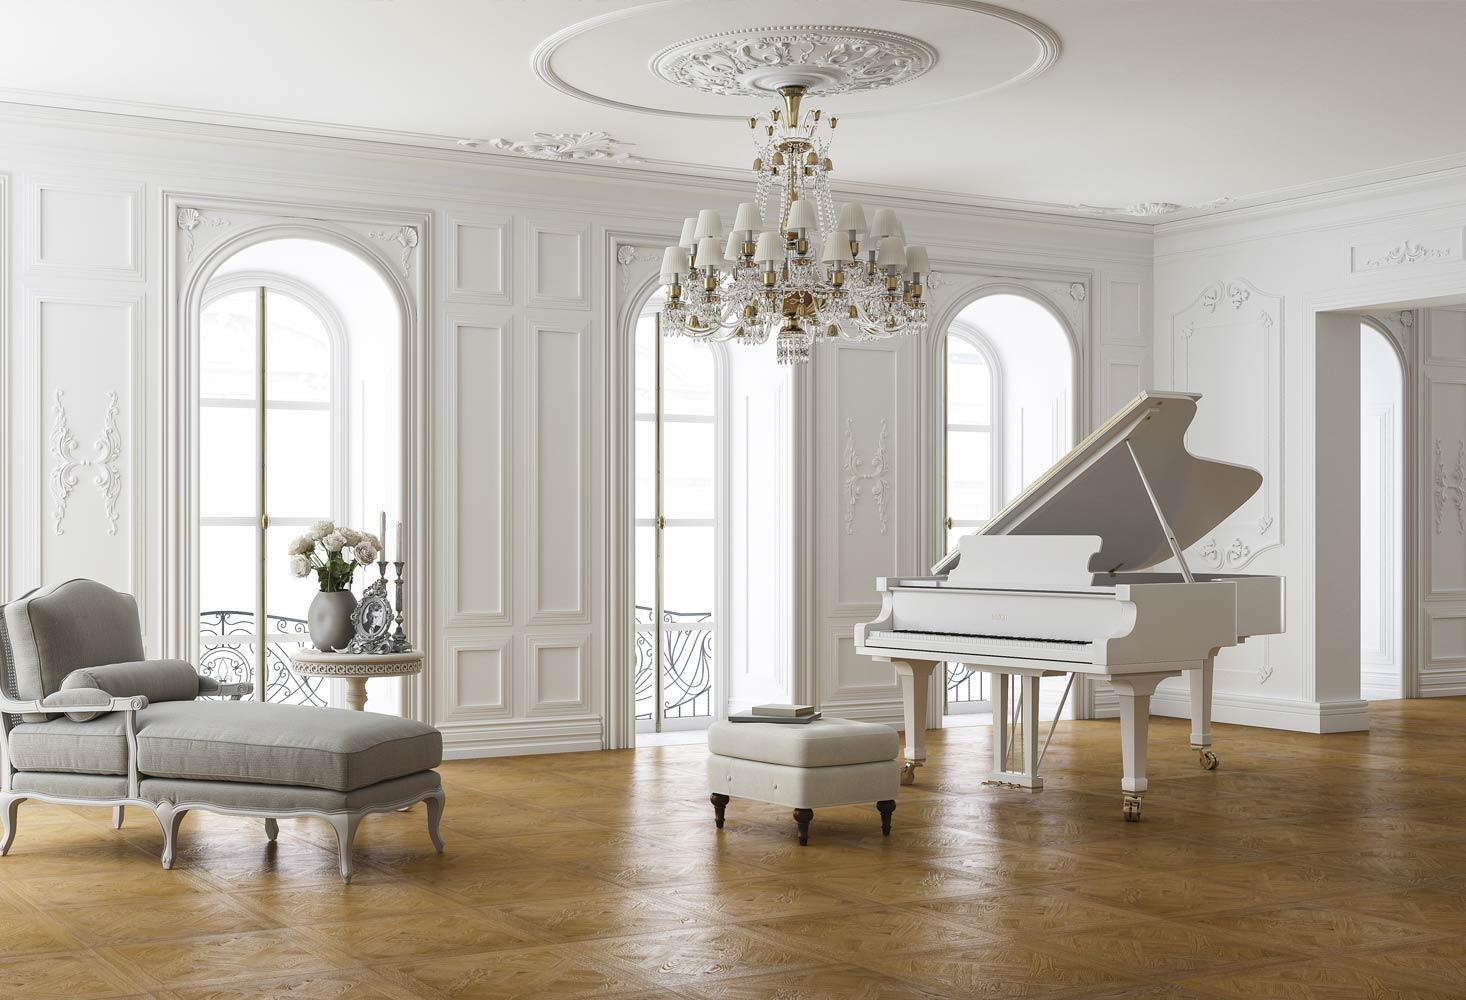 Quadrotte rovere natur spazzolato oliato noce mansiona bisellato - Versailles